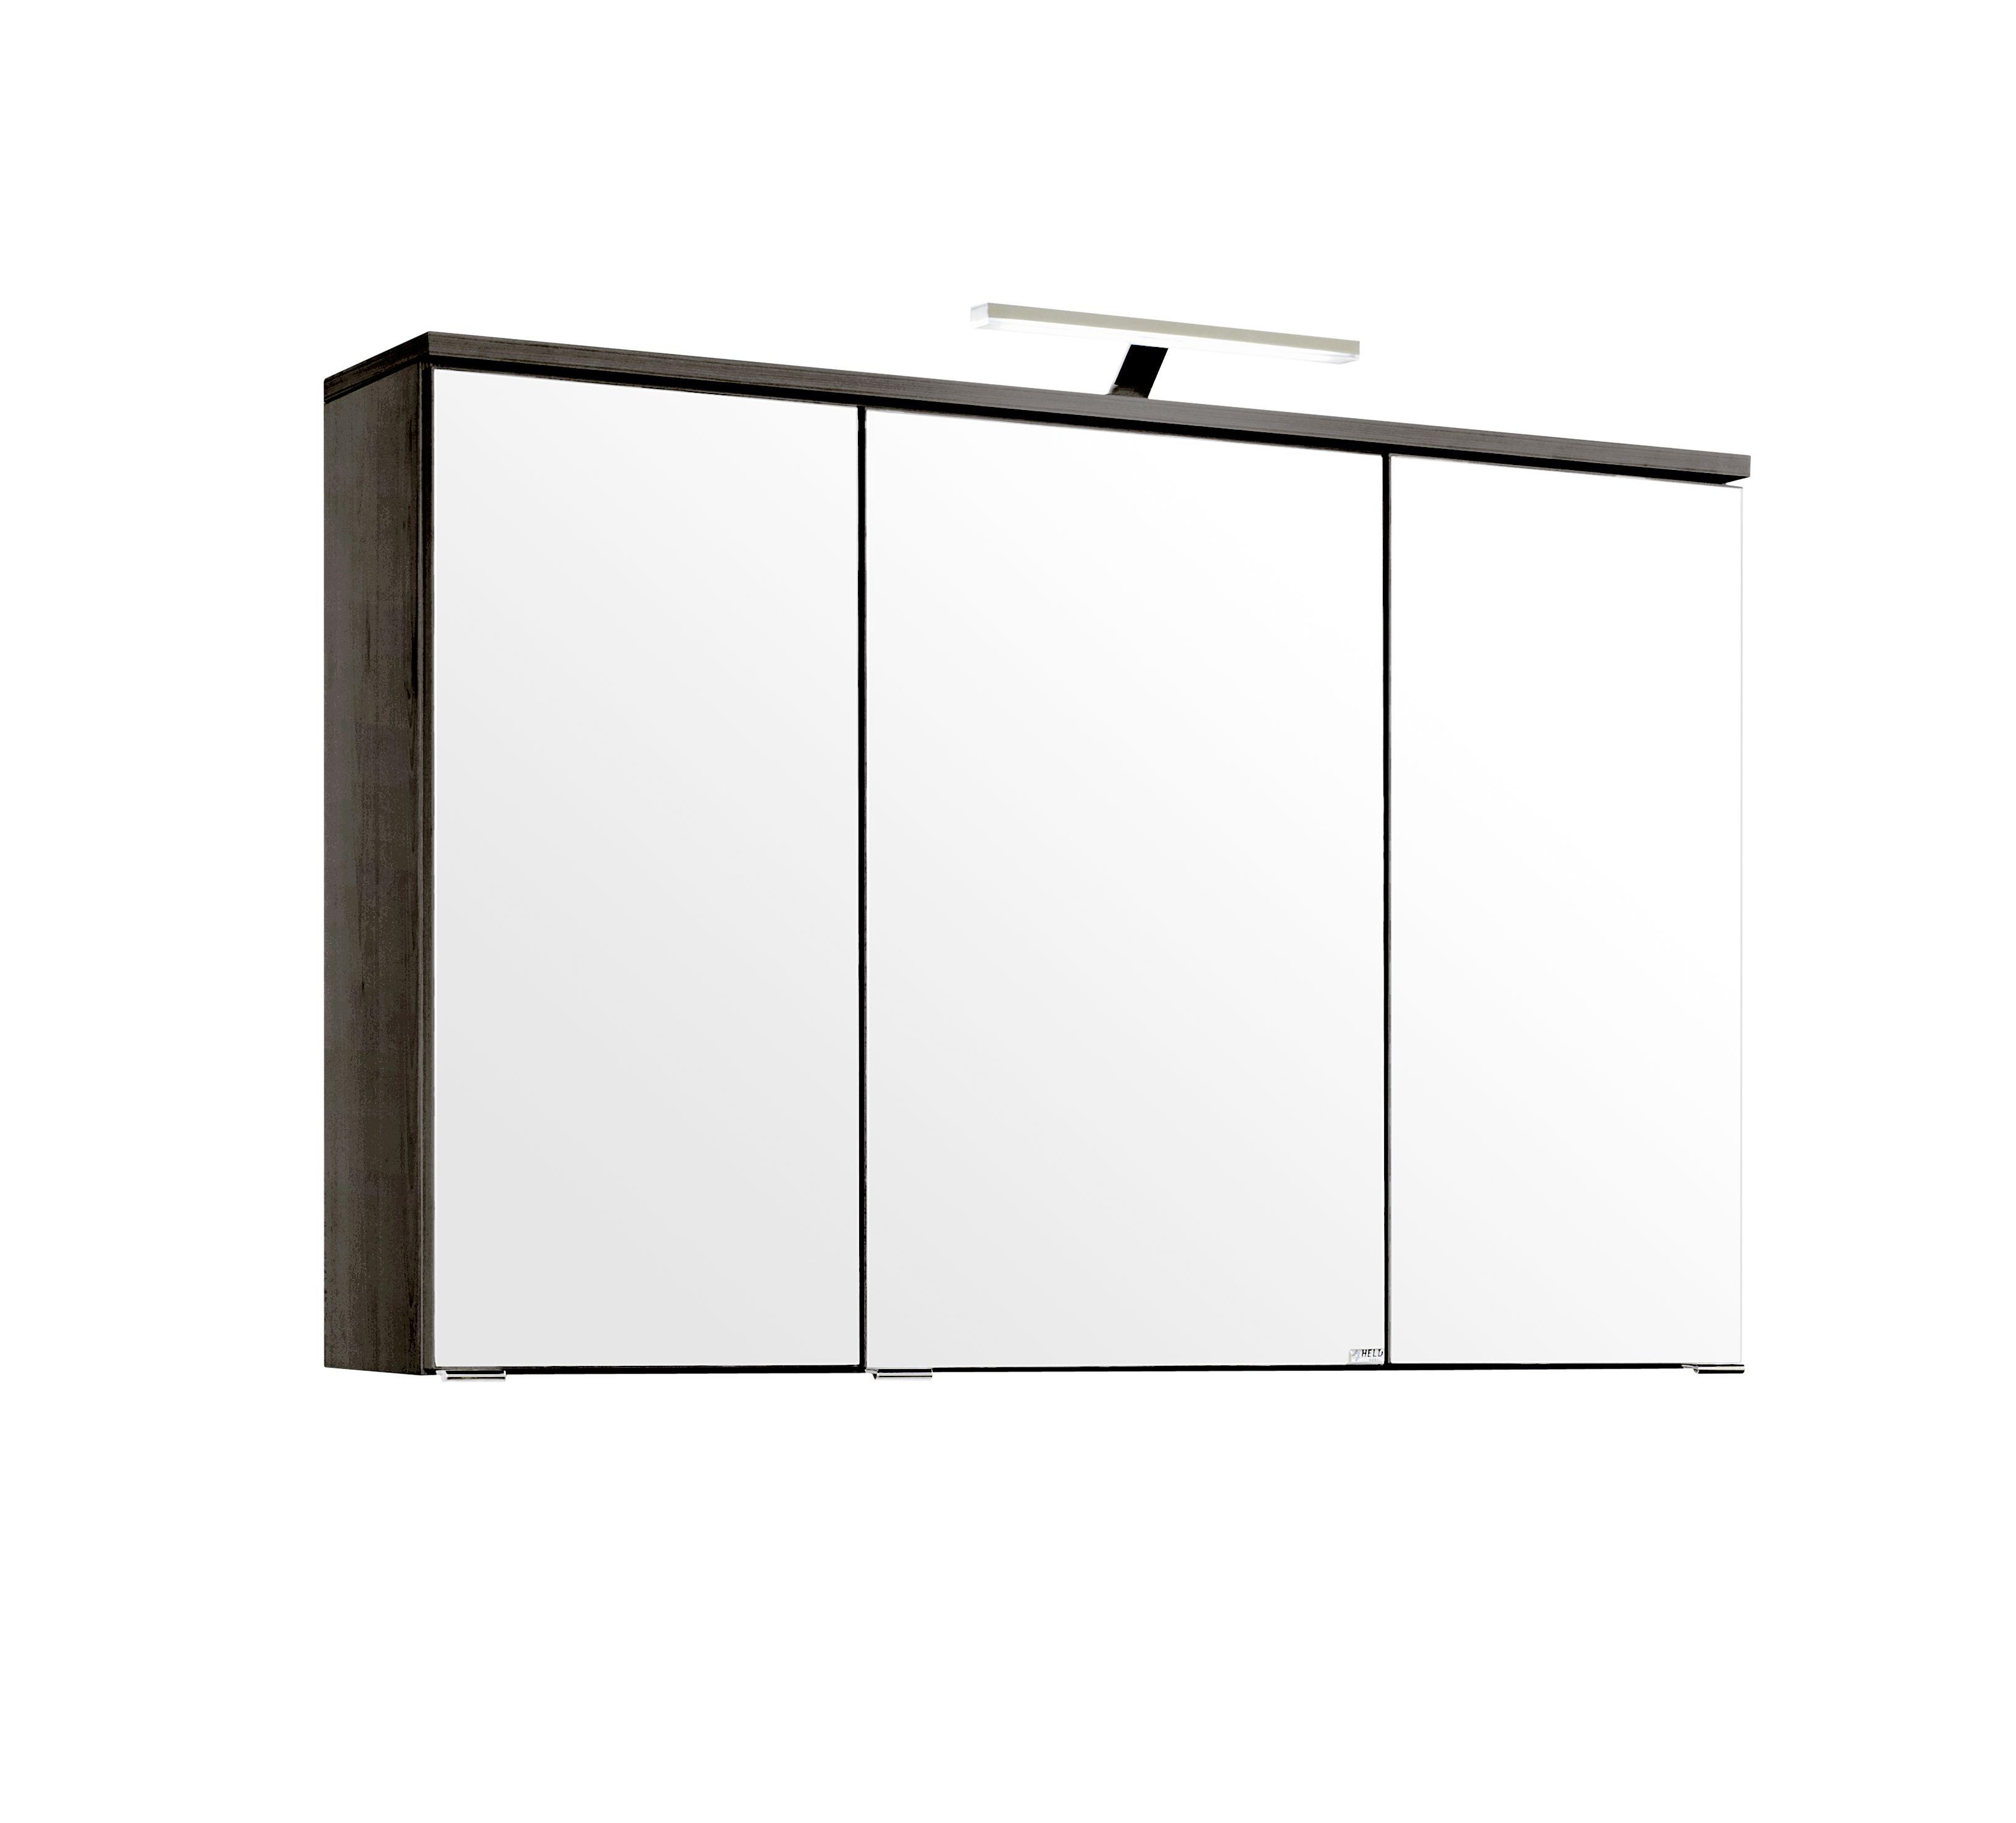 3d spiegelschrank 100 inkl led aufbauleuchte mailand von for 3d spiegelschrank